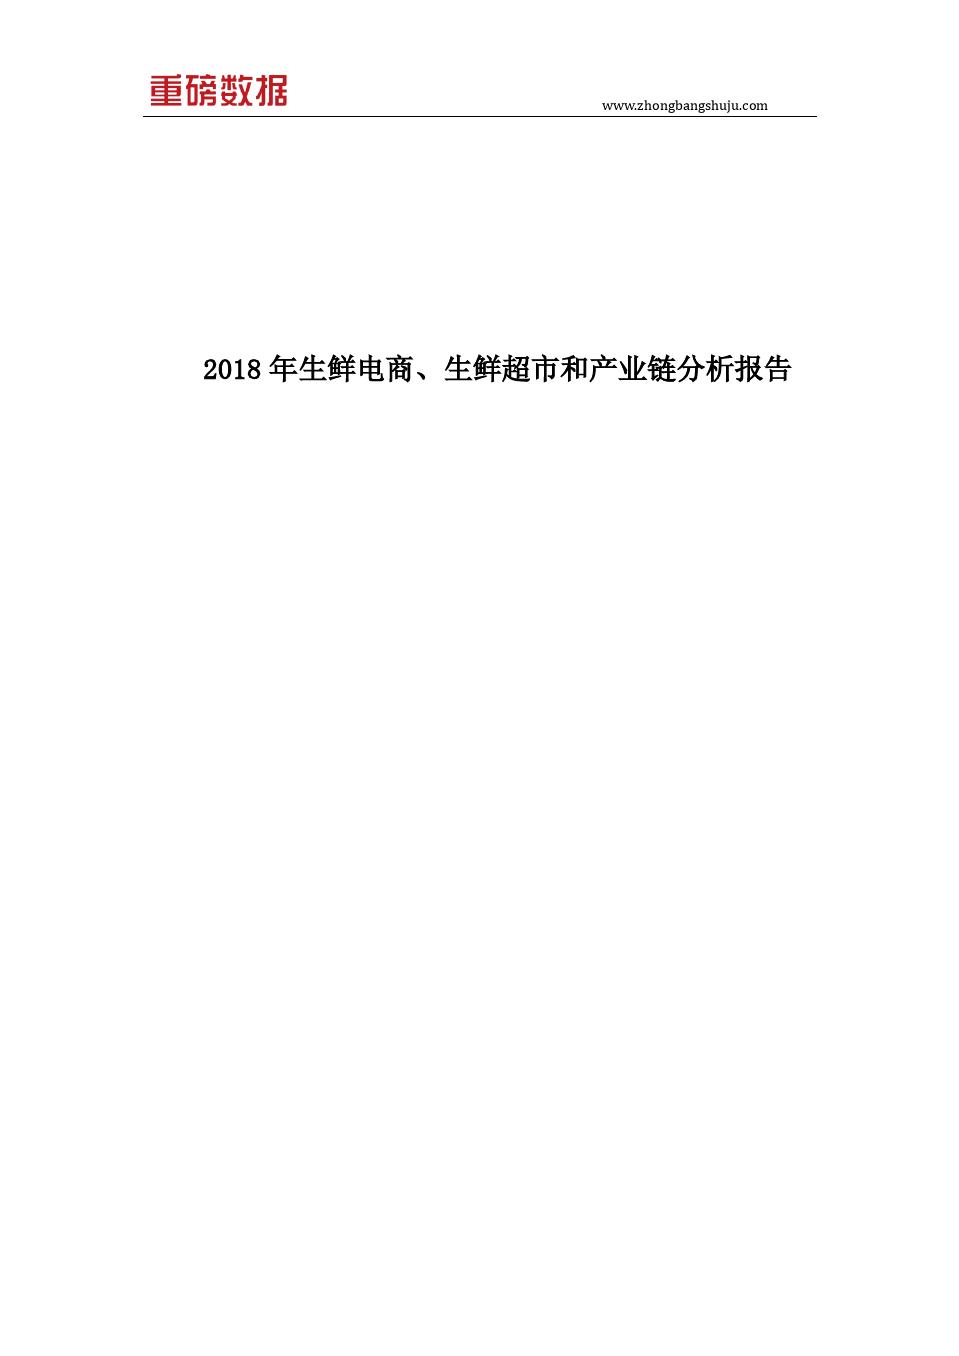 2018年生鲜电商、生鲜超市和产业链分析报告(目录)